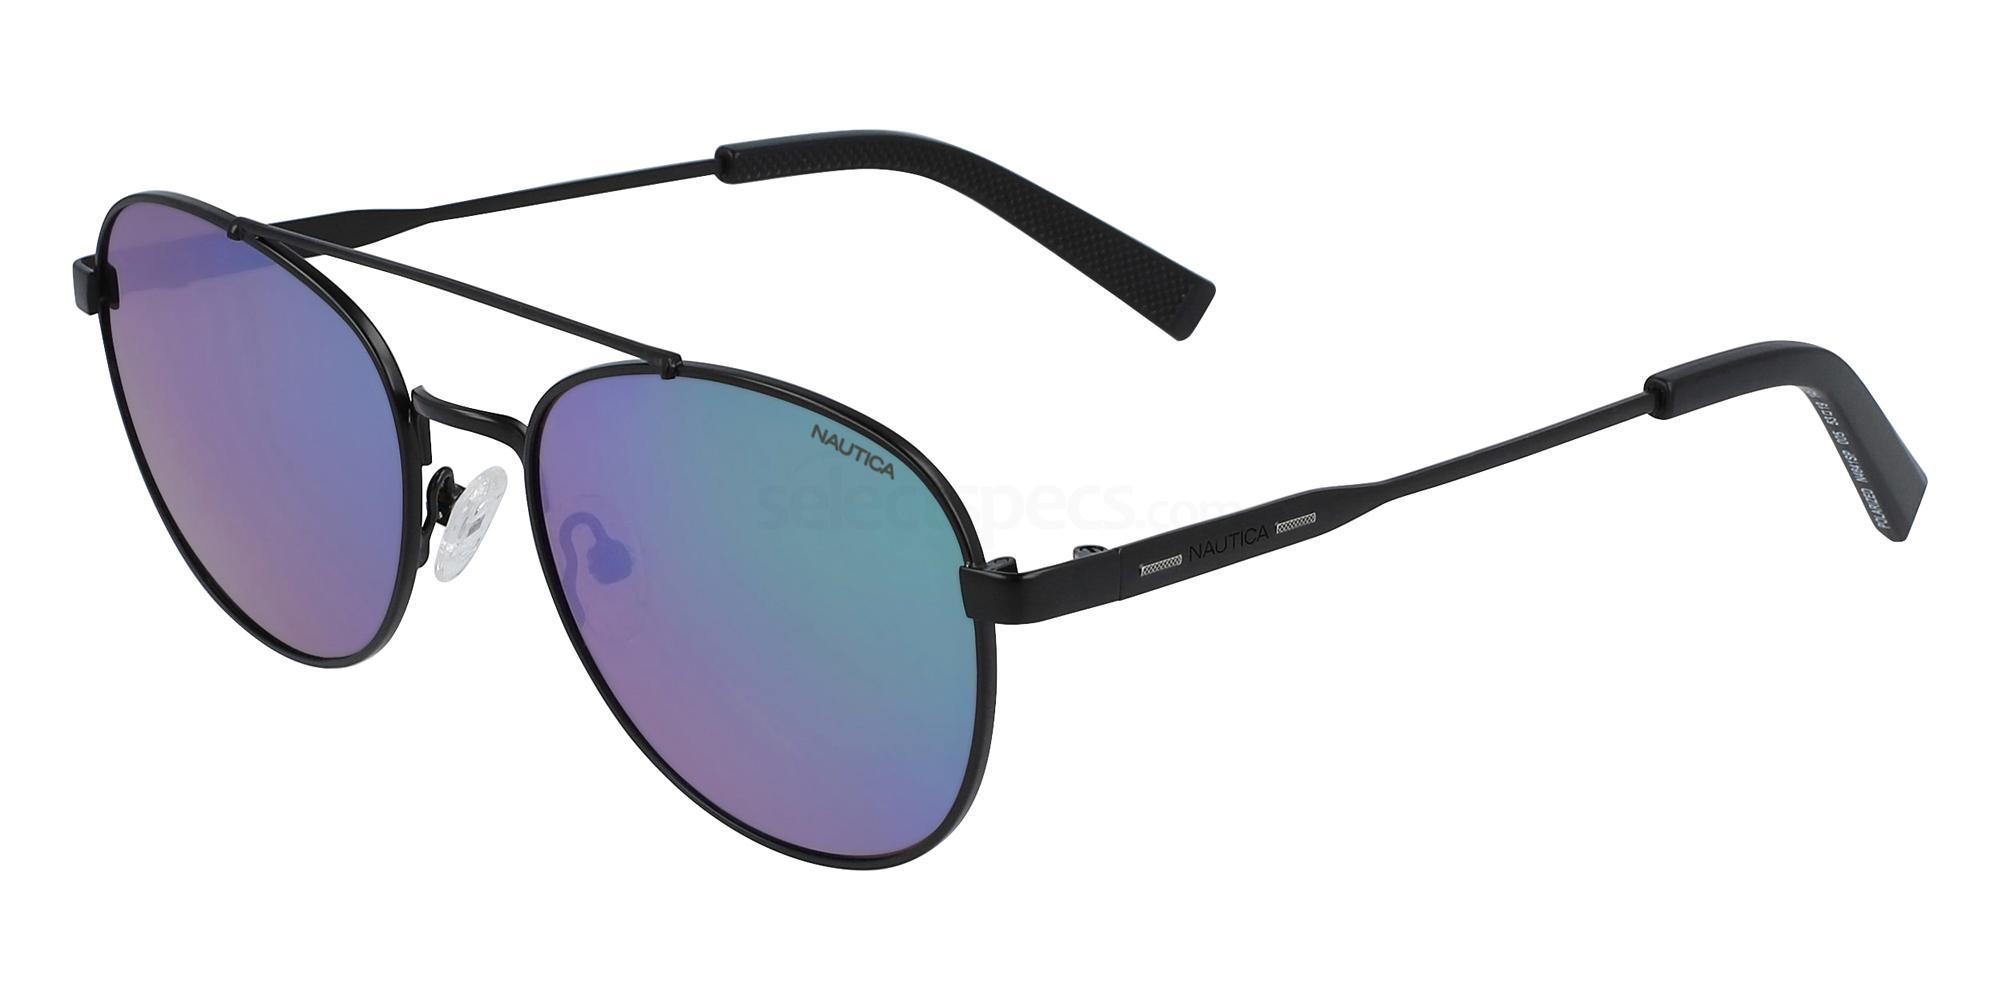 005 N4641SP Sunglasses, Nautica